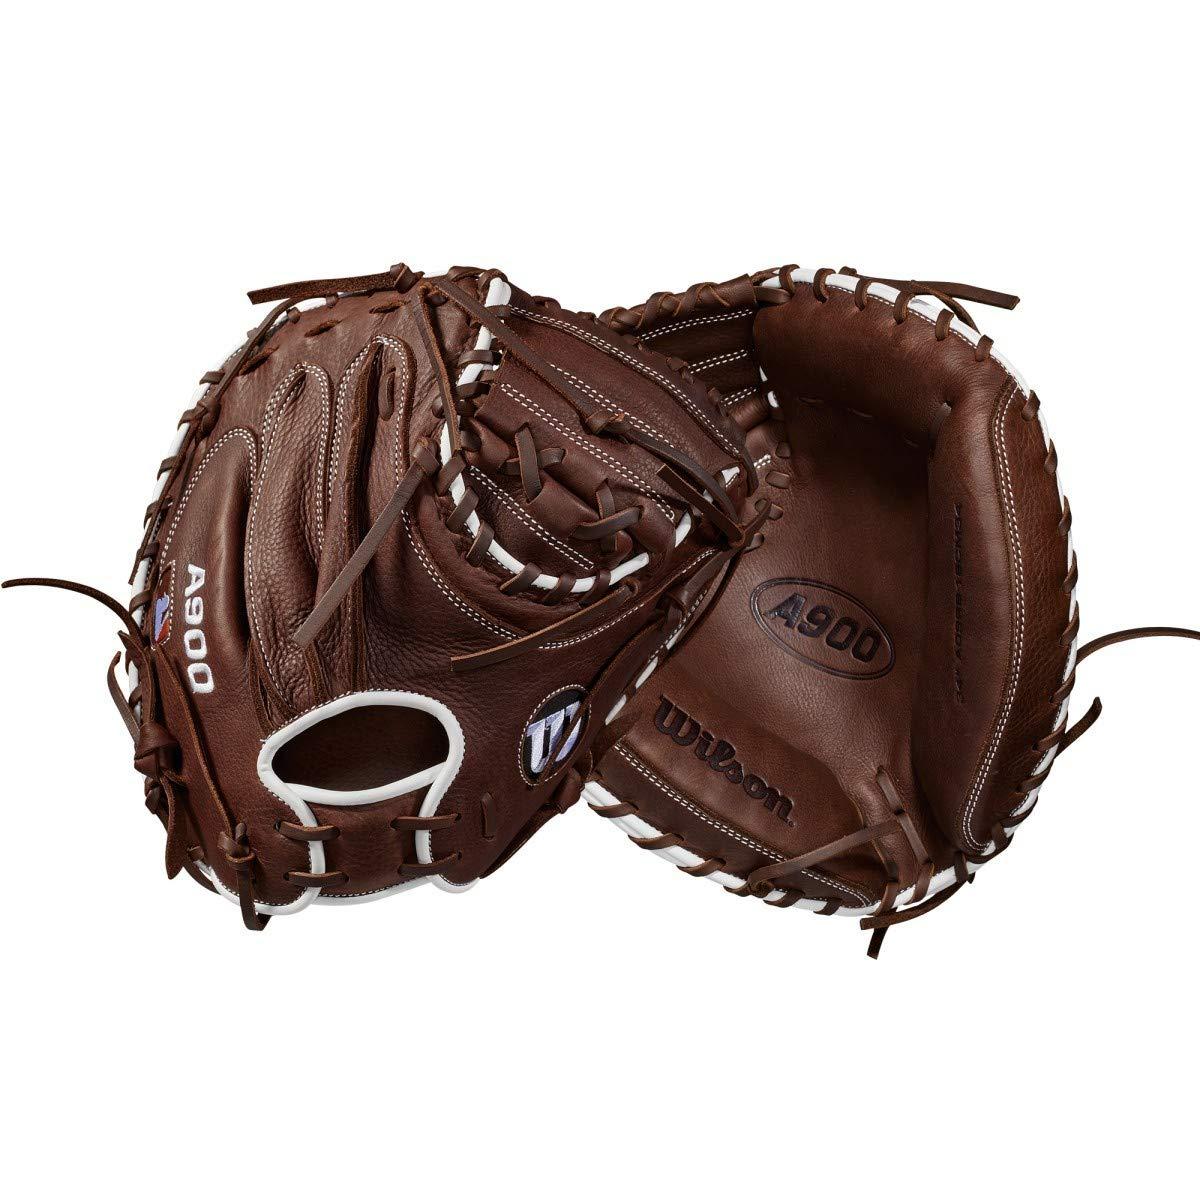 最新作 Wilson - A900 キャッチャーズ - 34インチ B07JH3B9ZS ベースボールミット - 34インチ B07JH3B9ZS, 美食街道:4d85da4c --- a0267596.xsph.ru